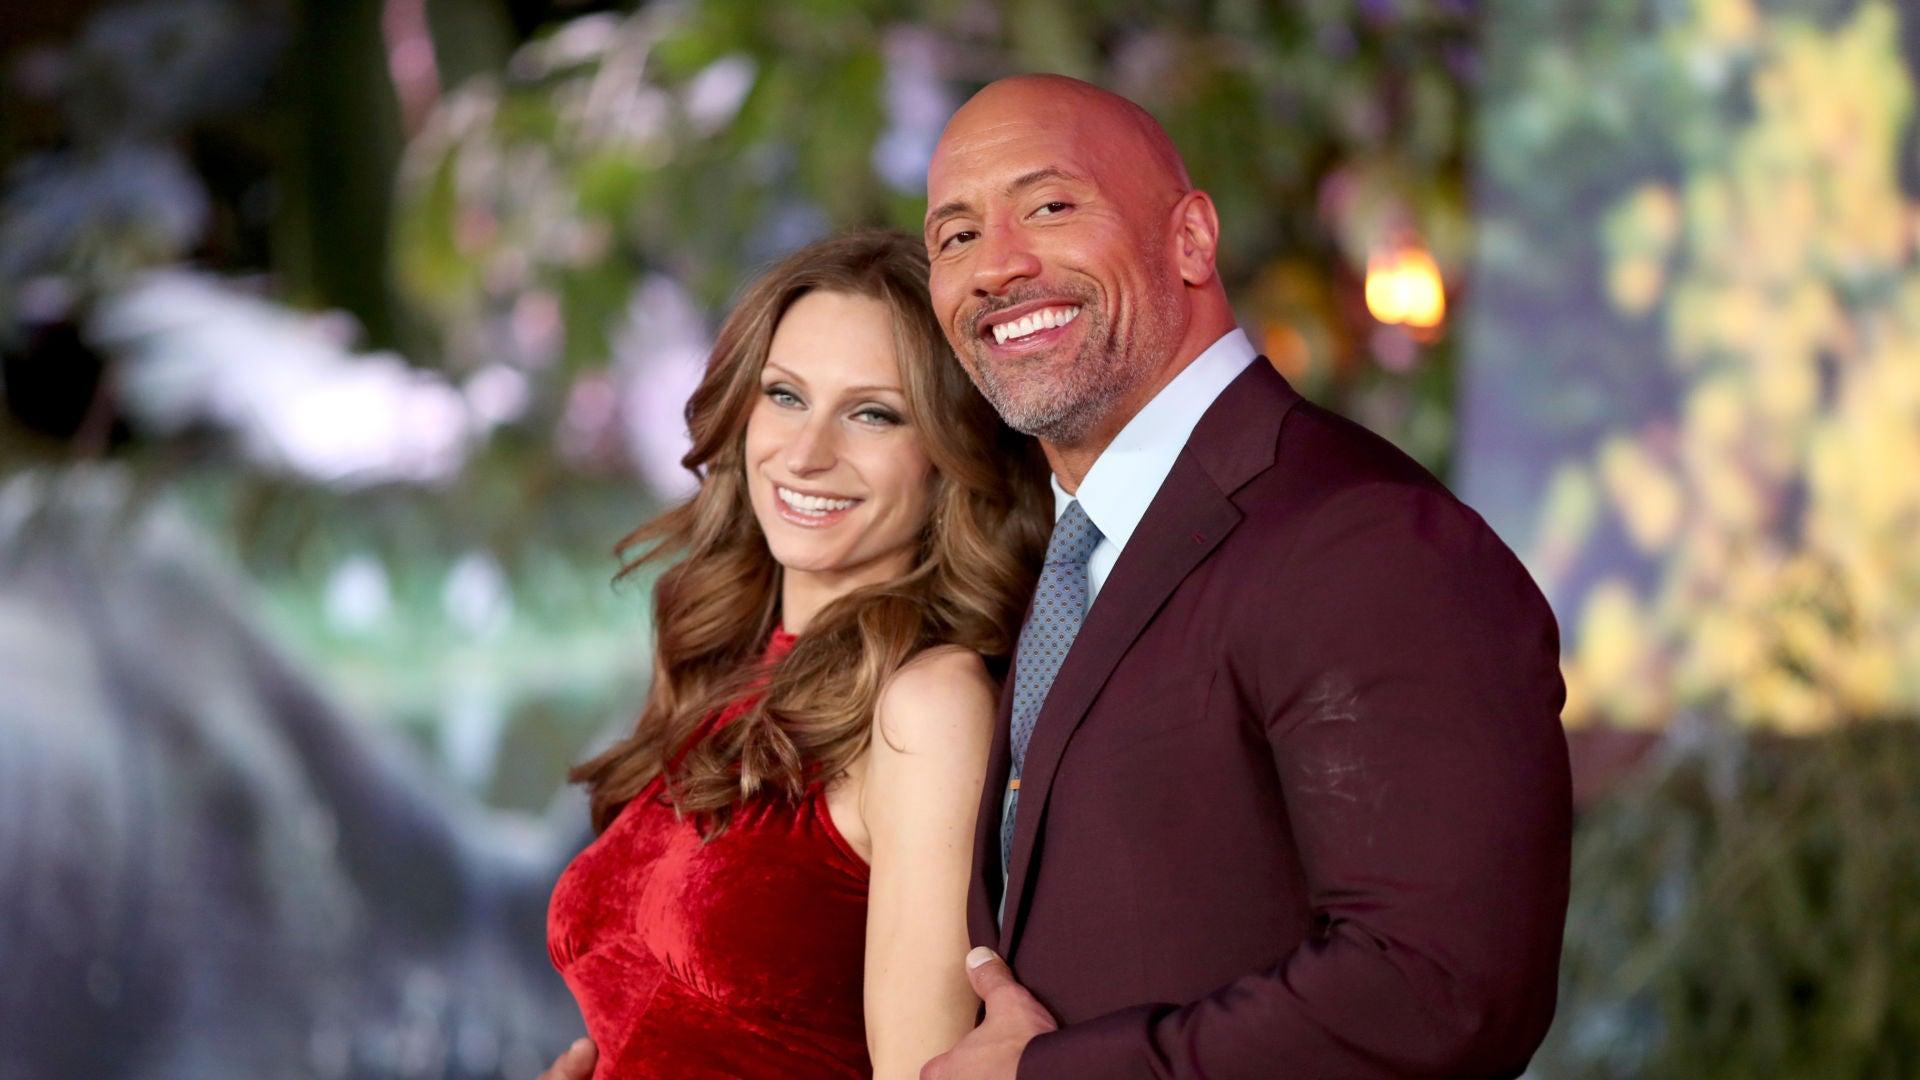 Dwayne 'The Rock' Johnson Married Longtime Girlfriend Lauren Hashian In Hawaii